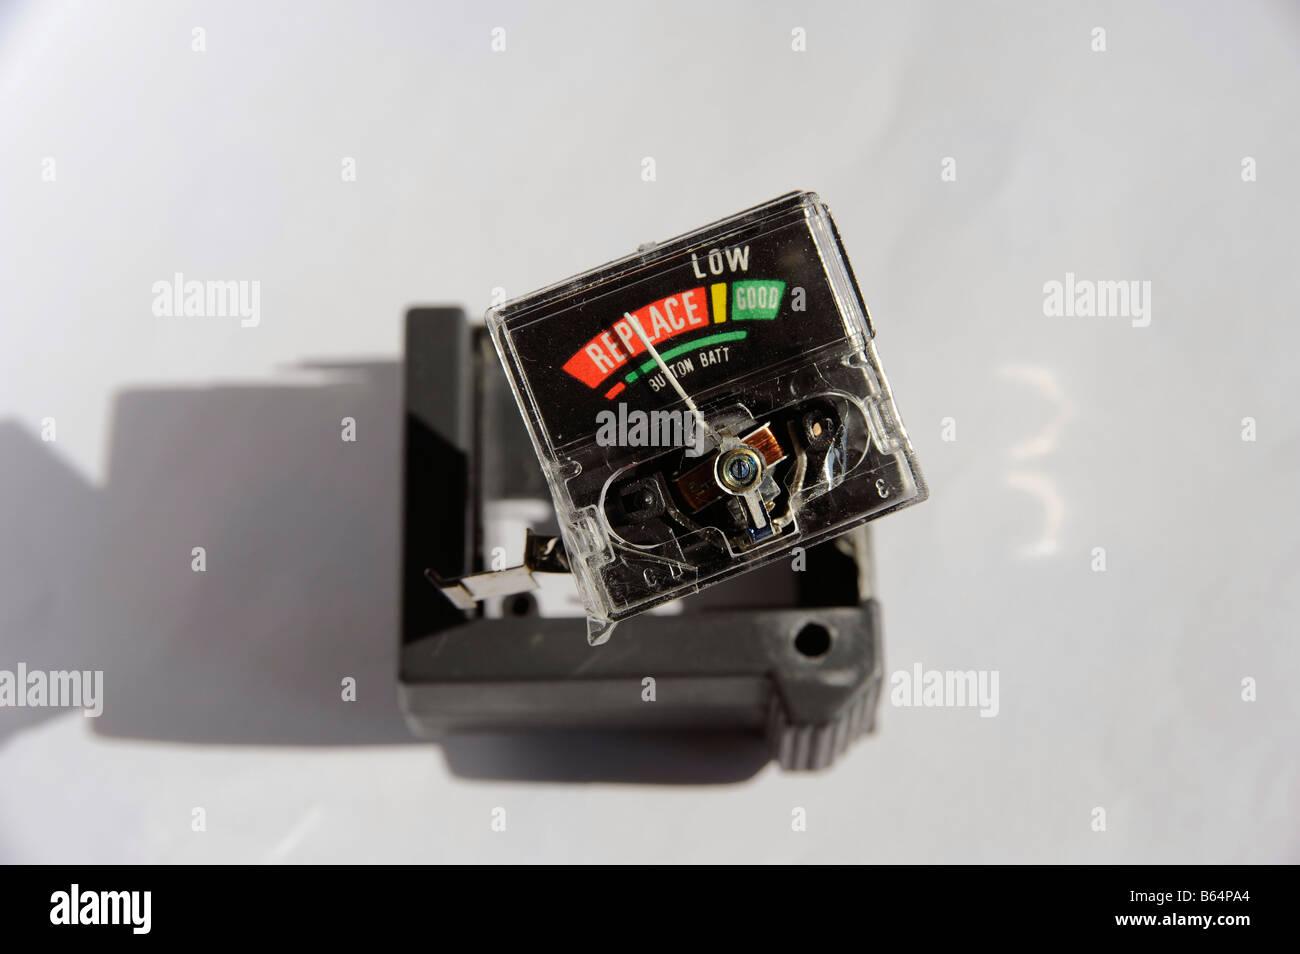 Battery tester broken - Stock Image